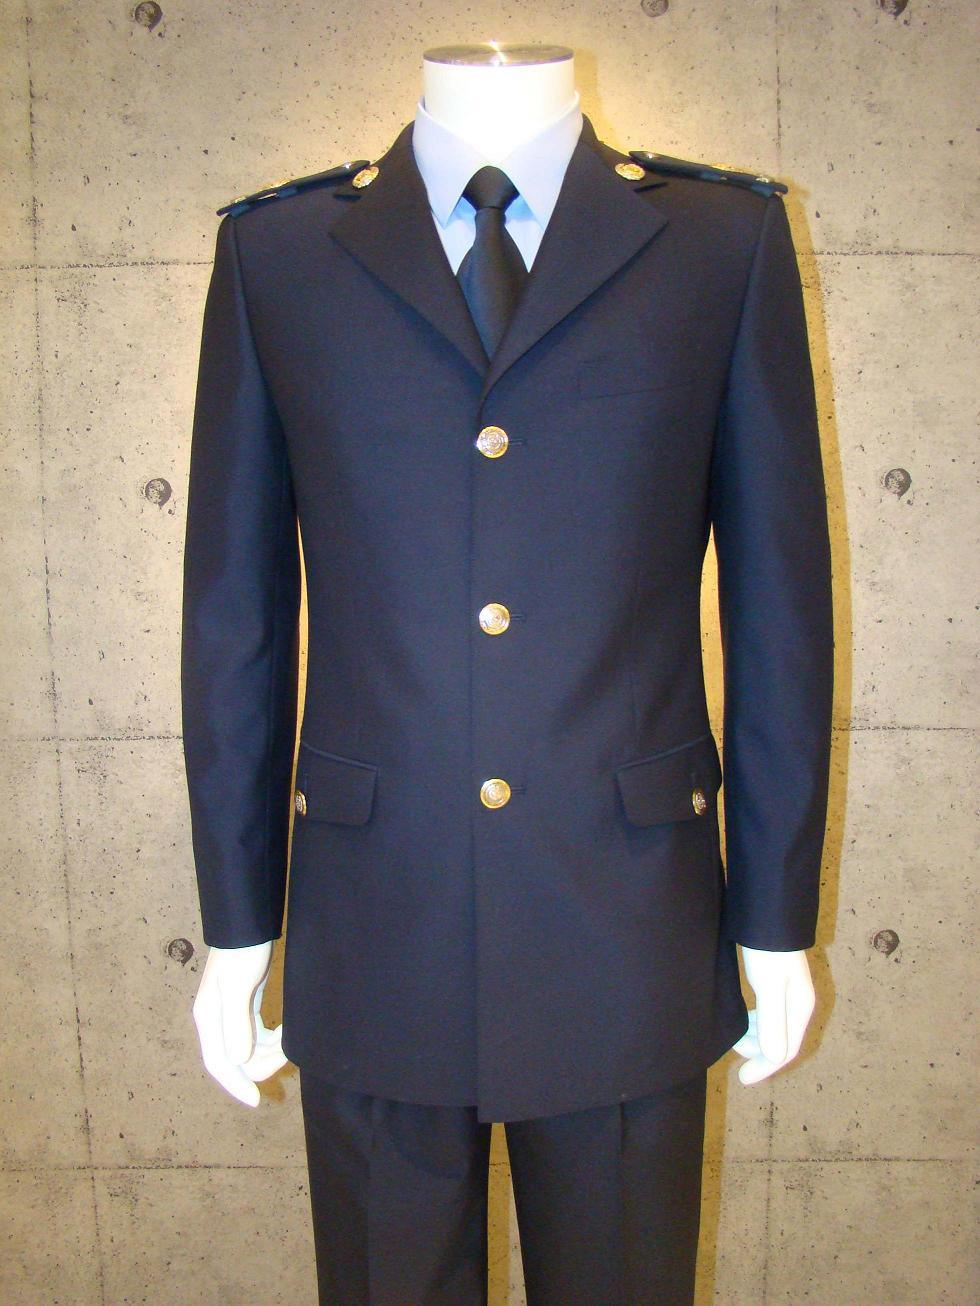 Uniforms Jacket Suits Trousers